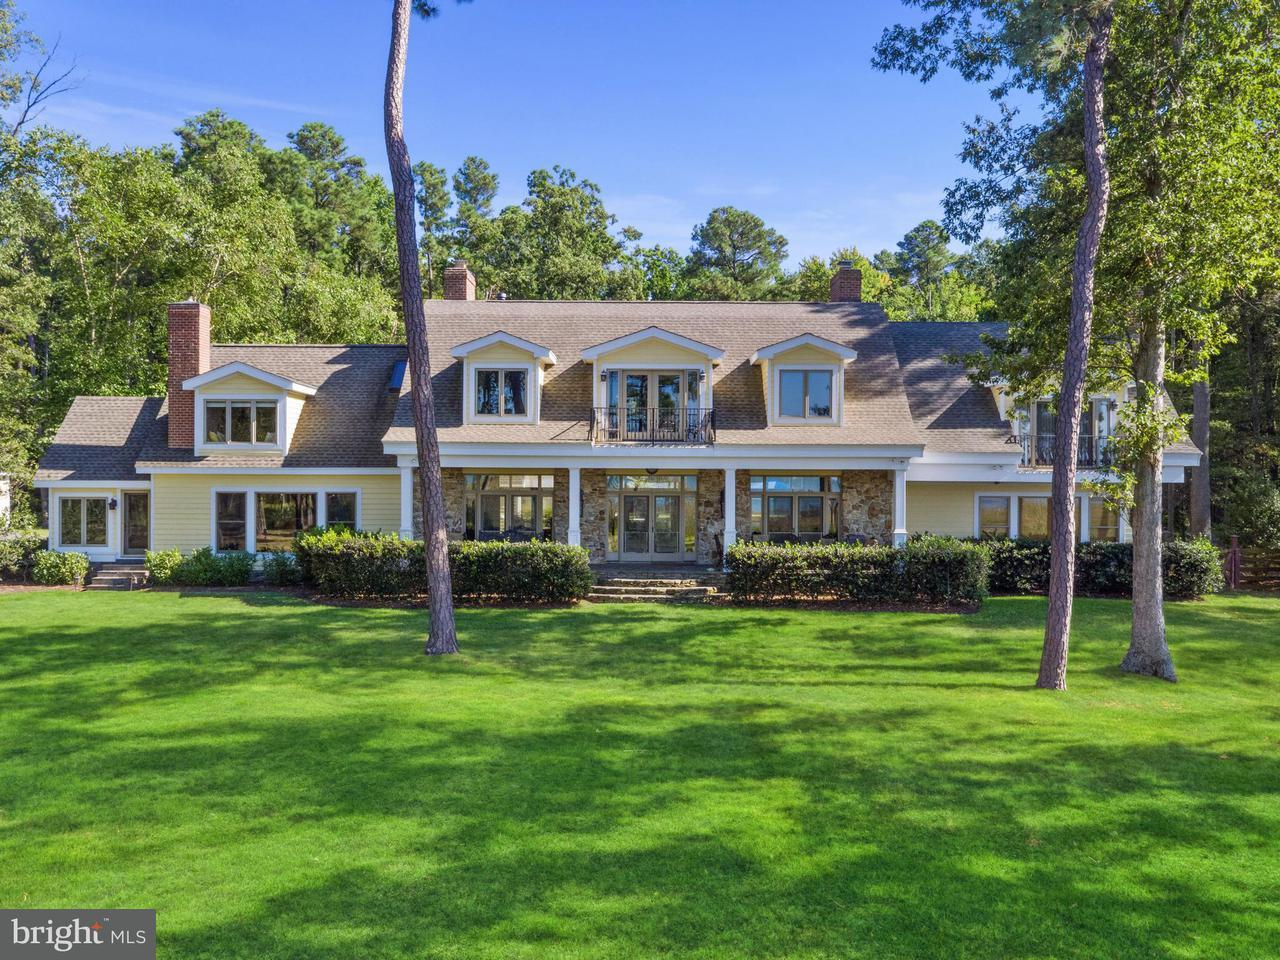 Maison unifamiliale pour l Vente à 7350 Cabin Cove Rd S 7350 Cabin Cove Rd S Sherwood, Maryland 21665 États-Unis